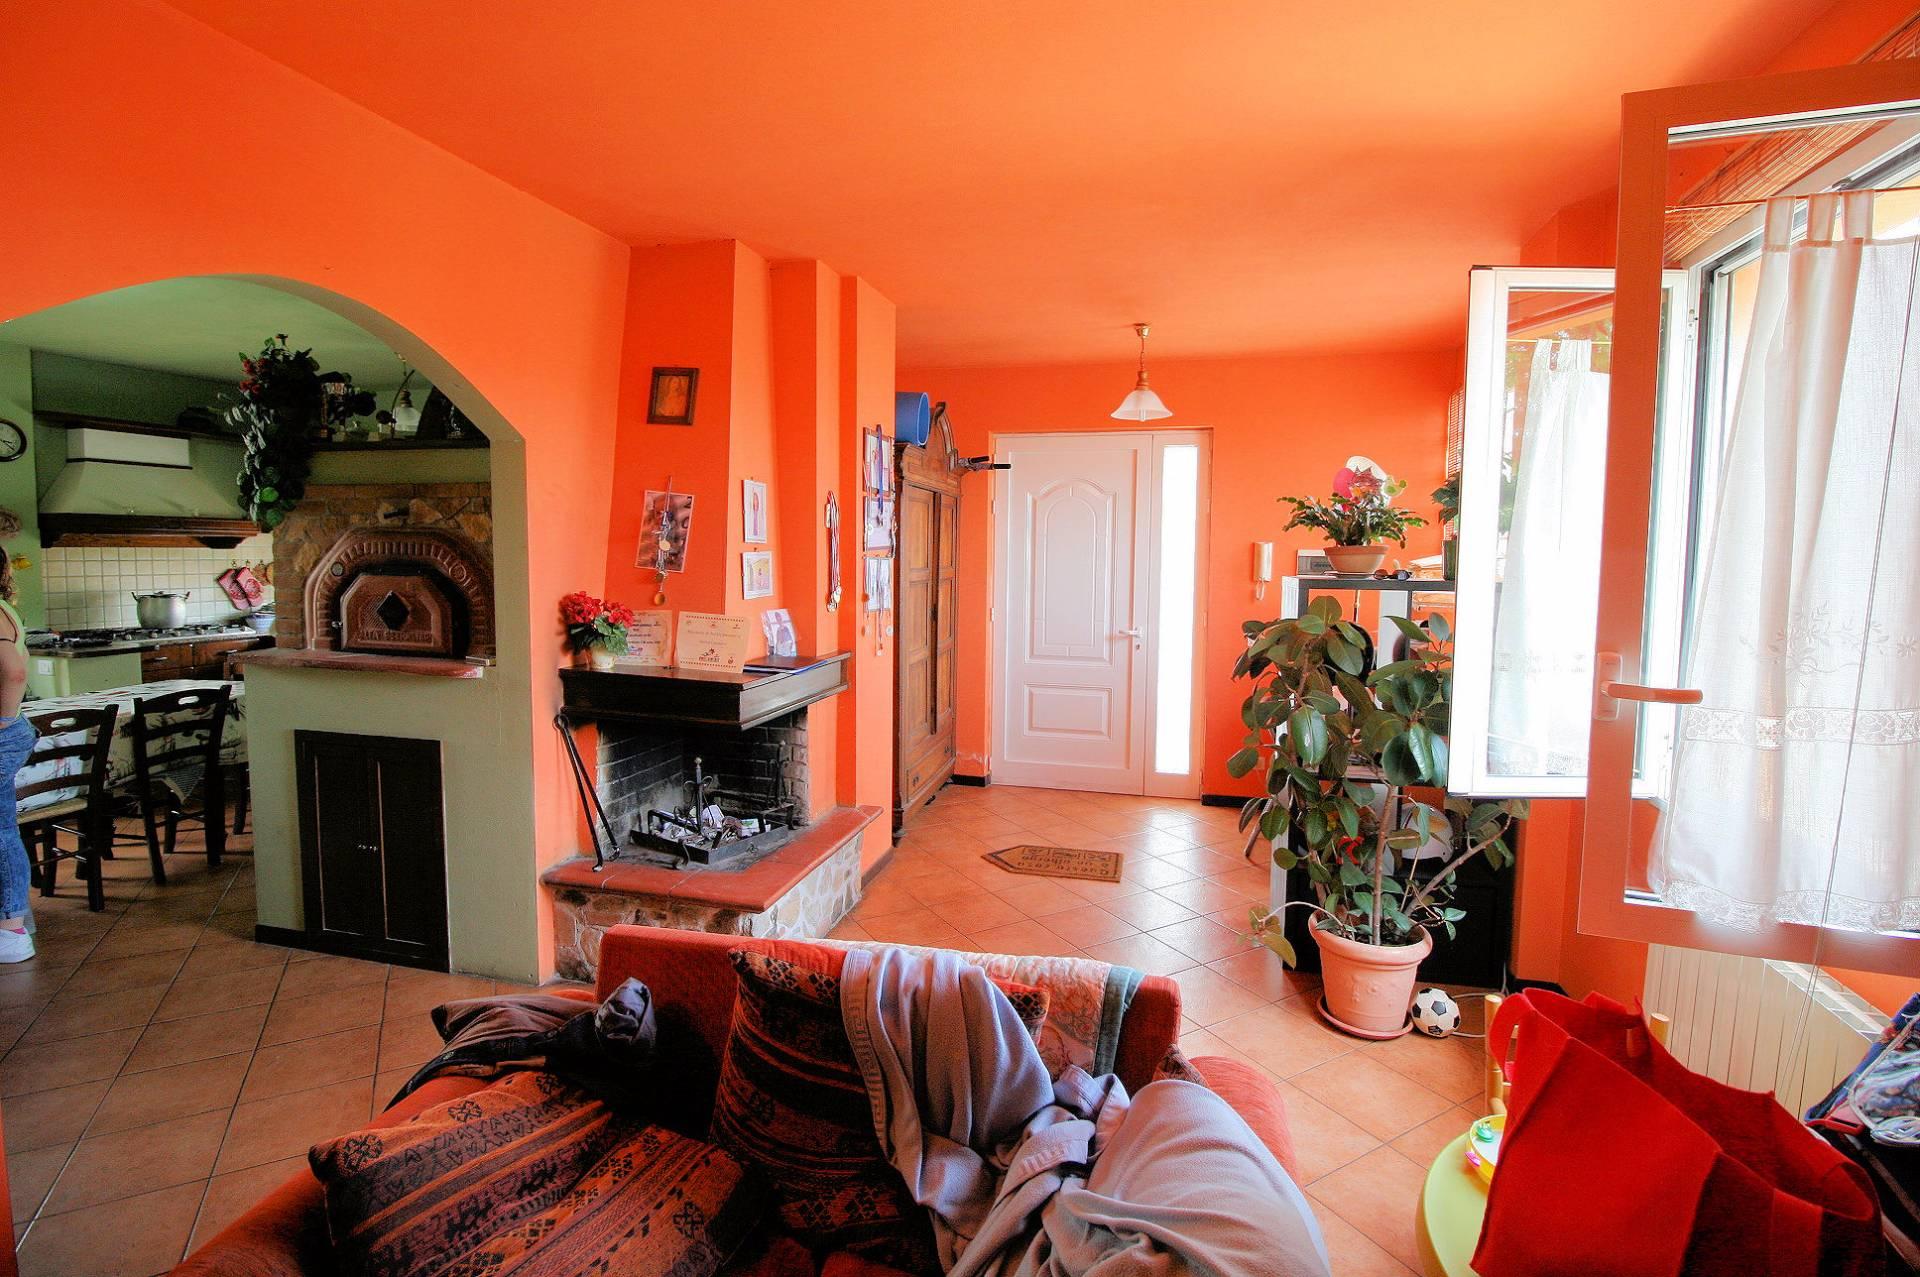 Appartamento in vendita a Massarosa, 7 locali, zona Zona: Massarosa, prezzo € 259.000 | Cambio Casa.it